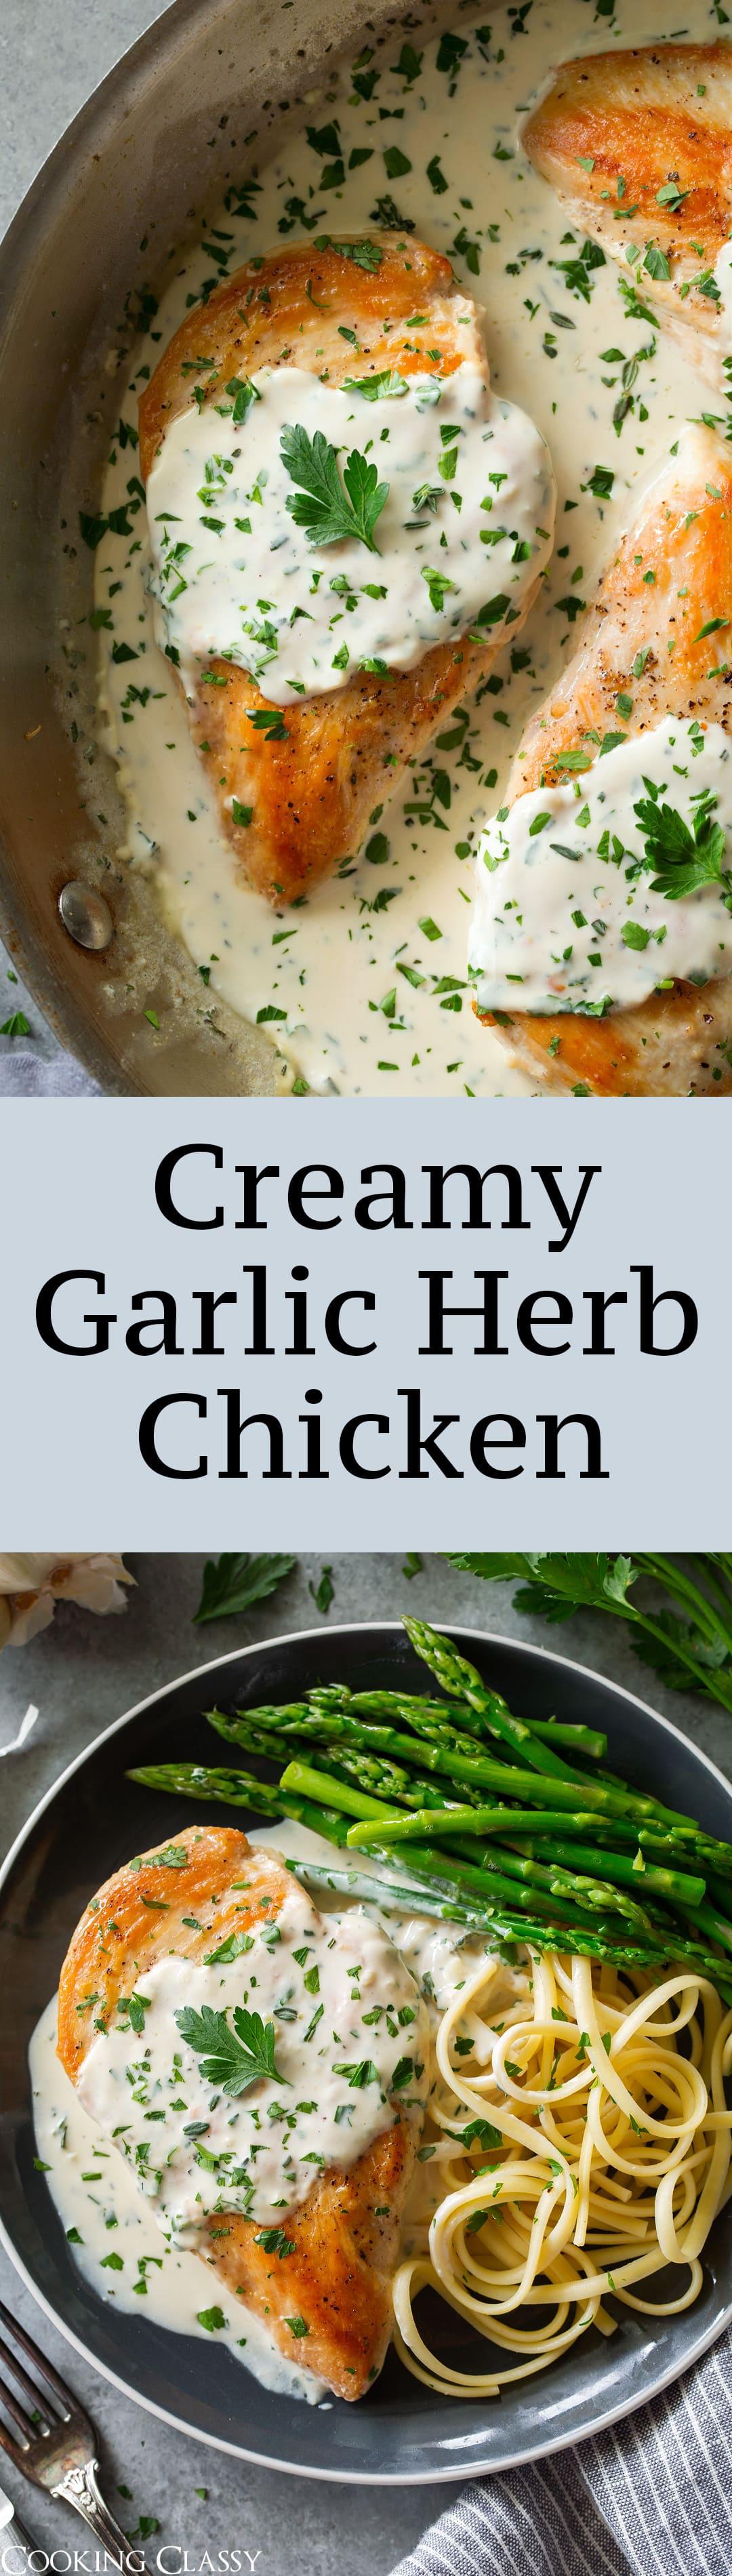 Creamy Garlic Herb Chicken One Of The Best Easy Chicken